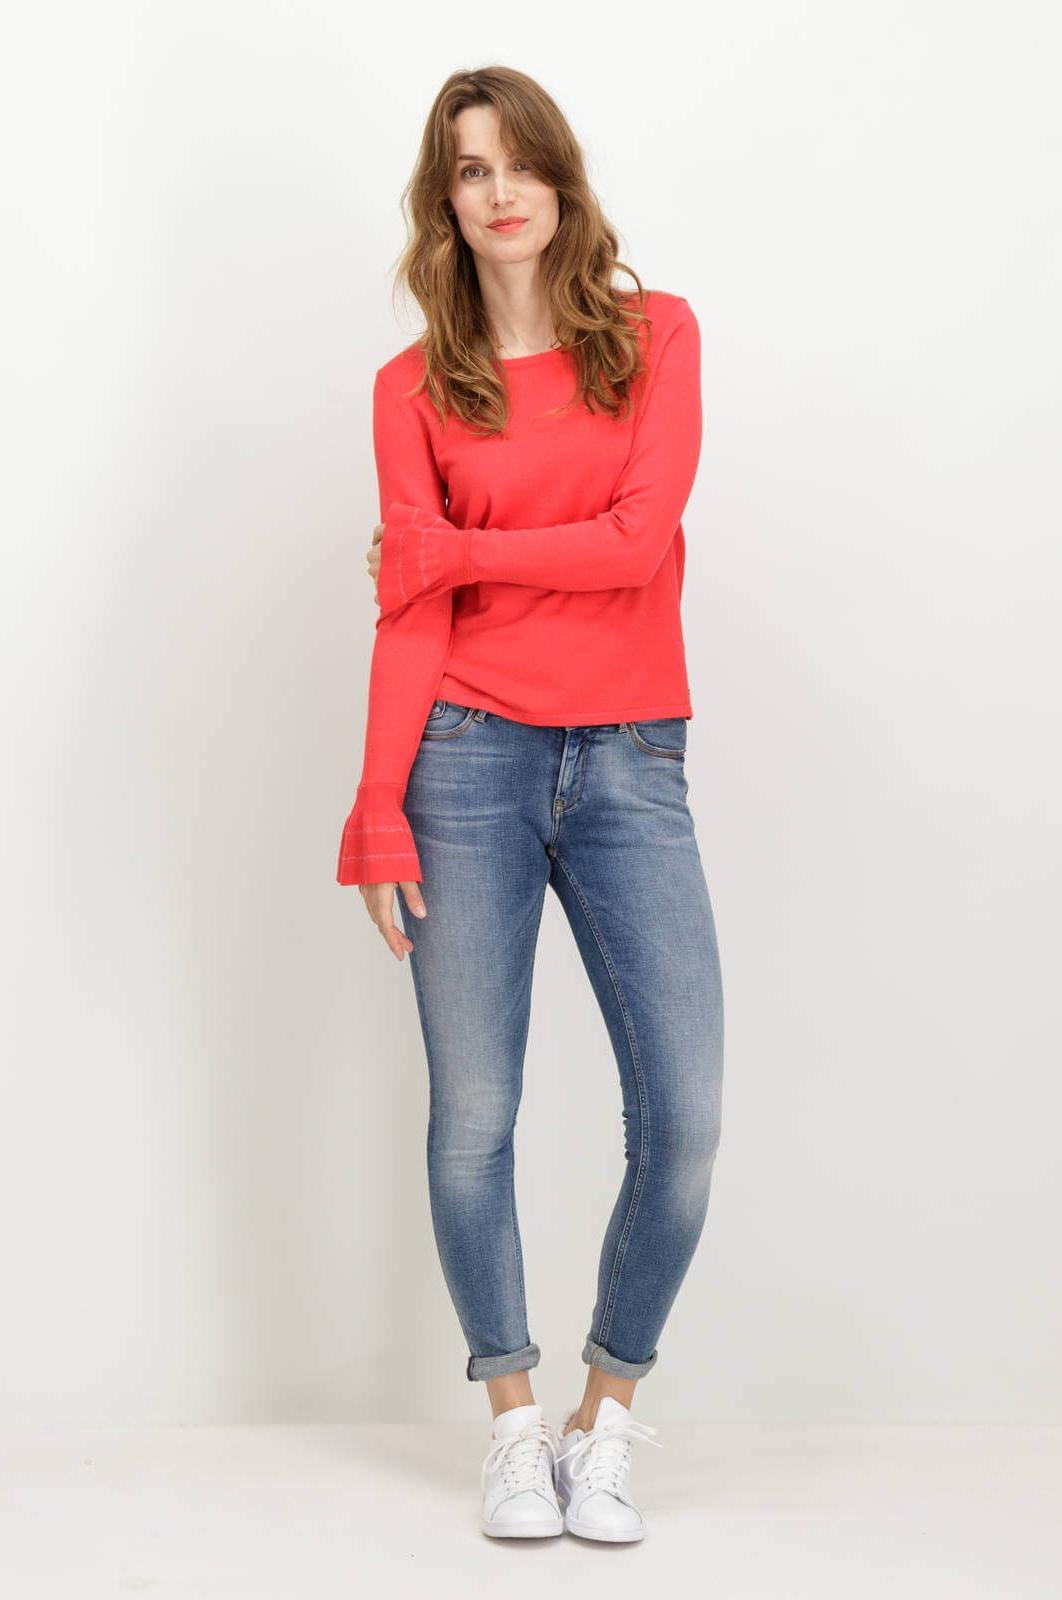 431693845 ... Frente da camisola vermelha com gola redonda de mulher da Garcia jeans